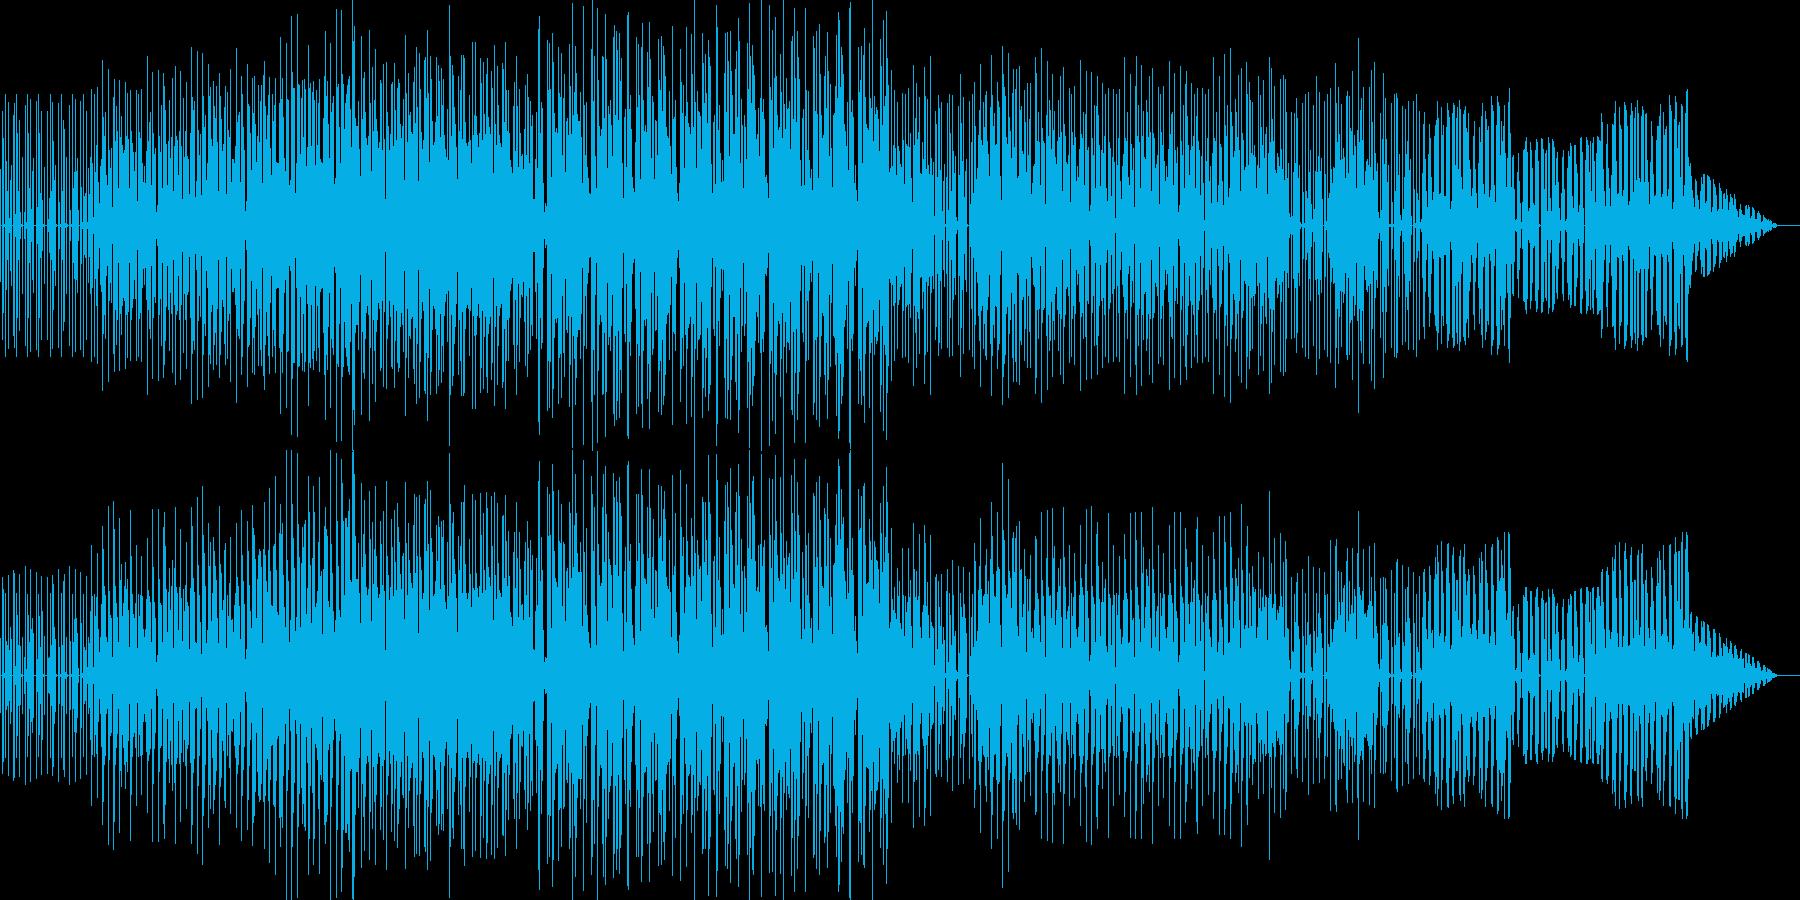 シンプルなベースハウスの再生済みの波形